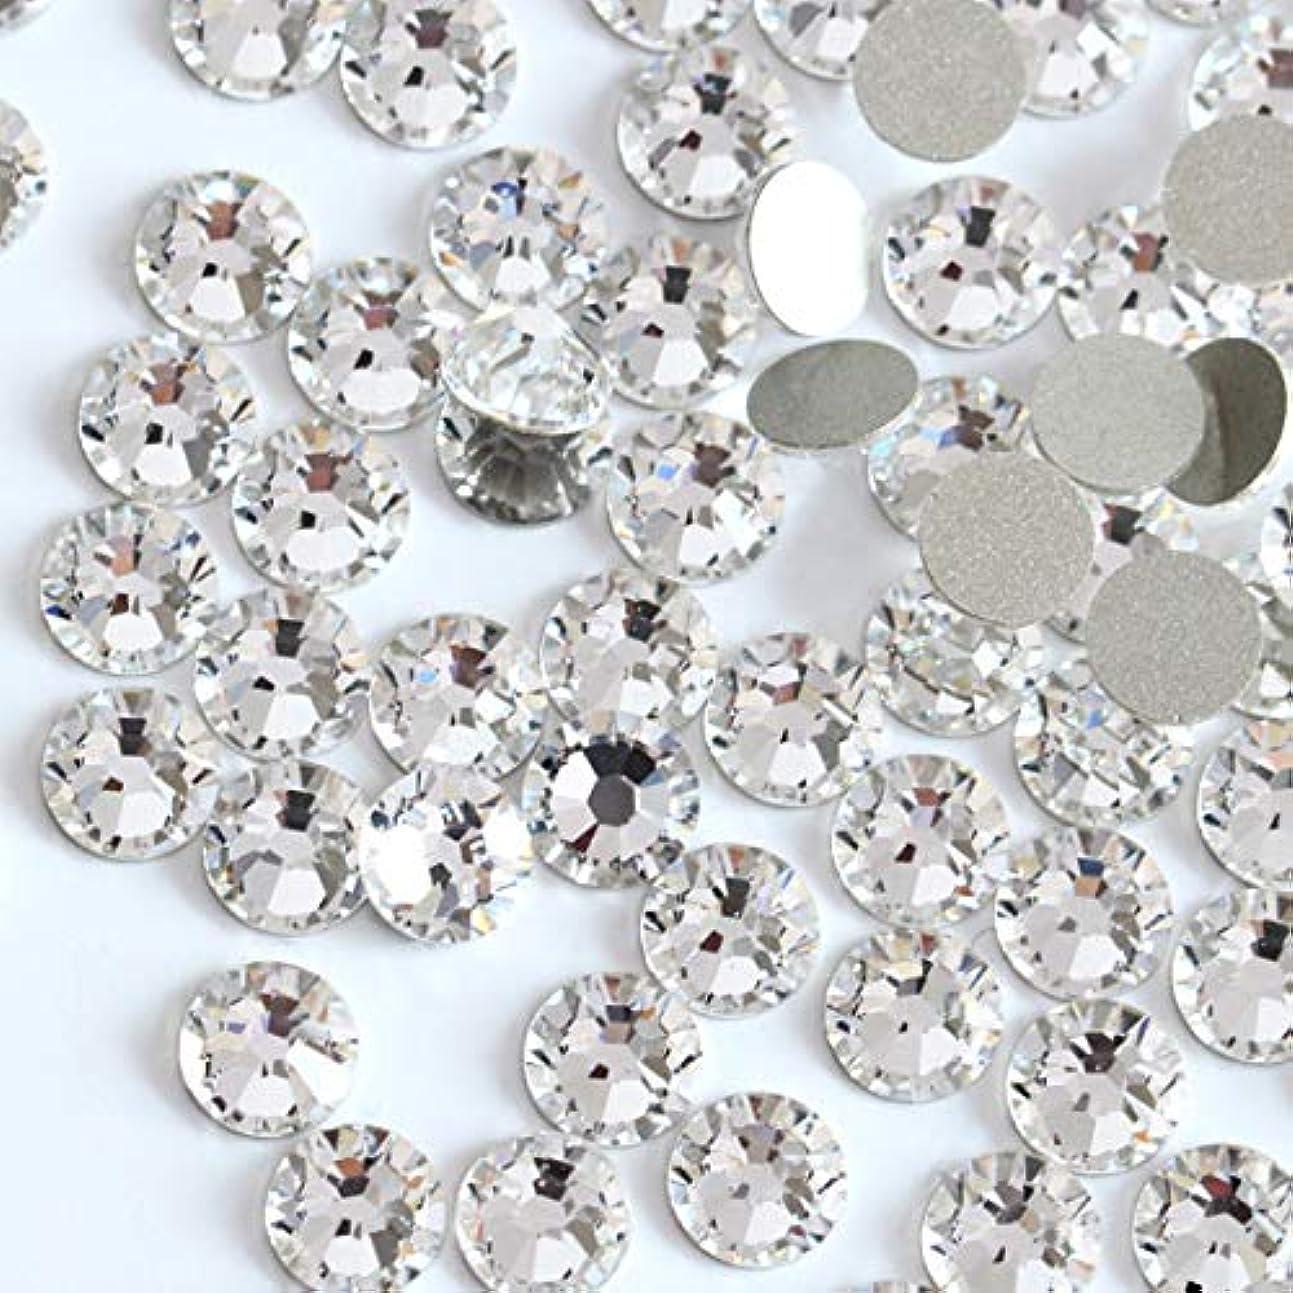 ピカリング説明する倒産【ラインストーン77】 超高級 ガラス製ラインストーン SS4~SS40 クリスタル スワロフスキー同等(1.5mm (SS4) 約200粒)